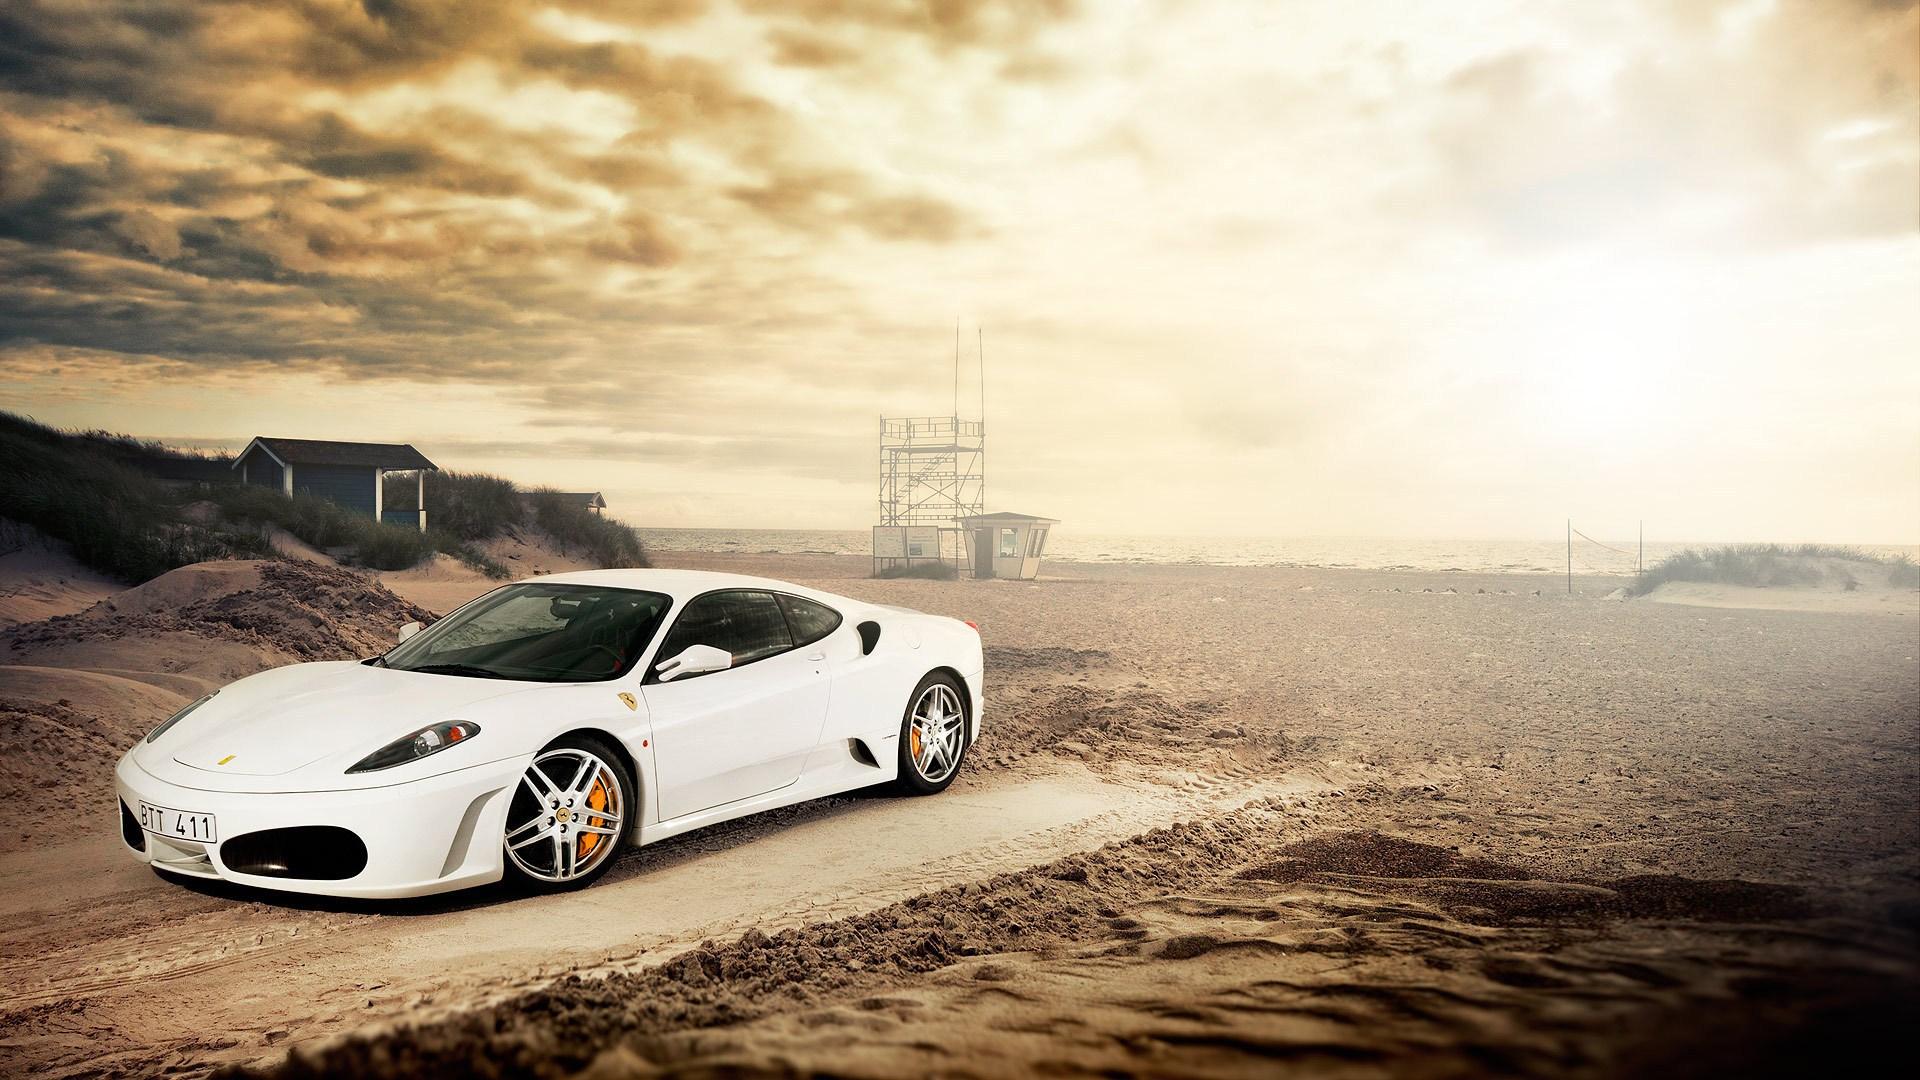 Fantastic White Ferrari Wallpaper